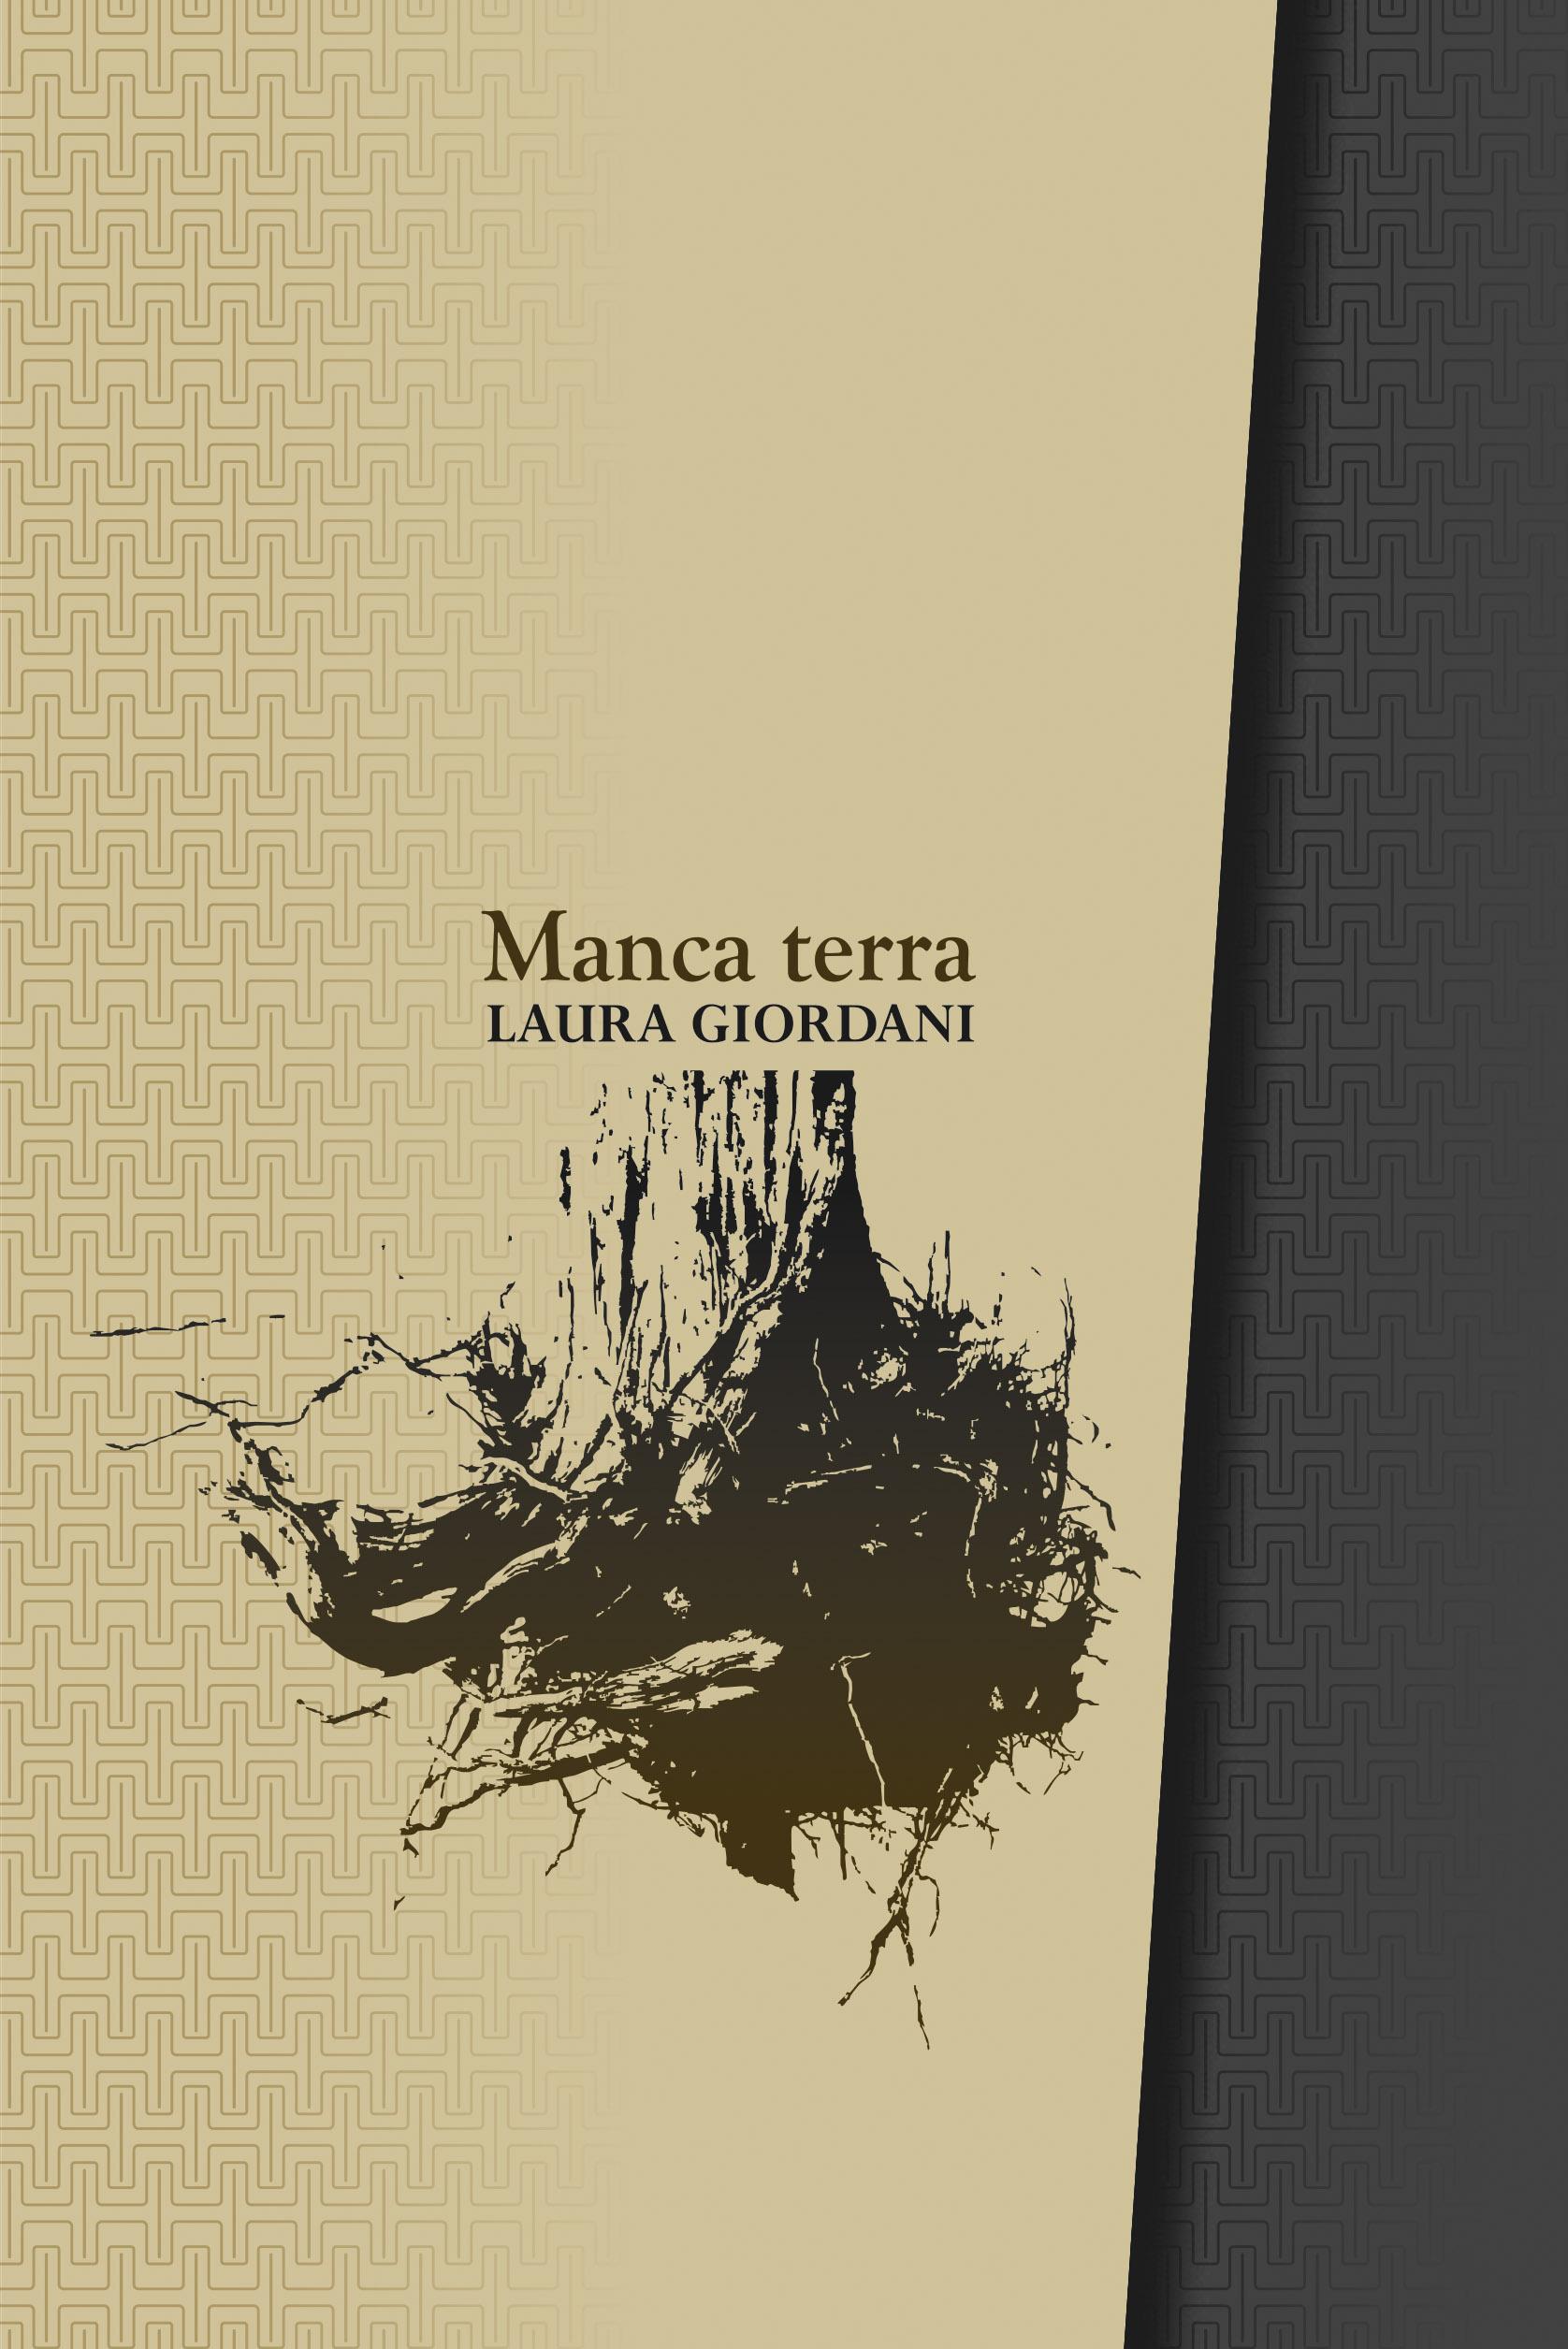 Manca Terra - Laura Giordani | La Garúa Poesía